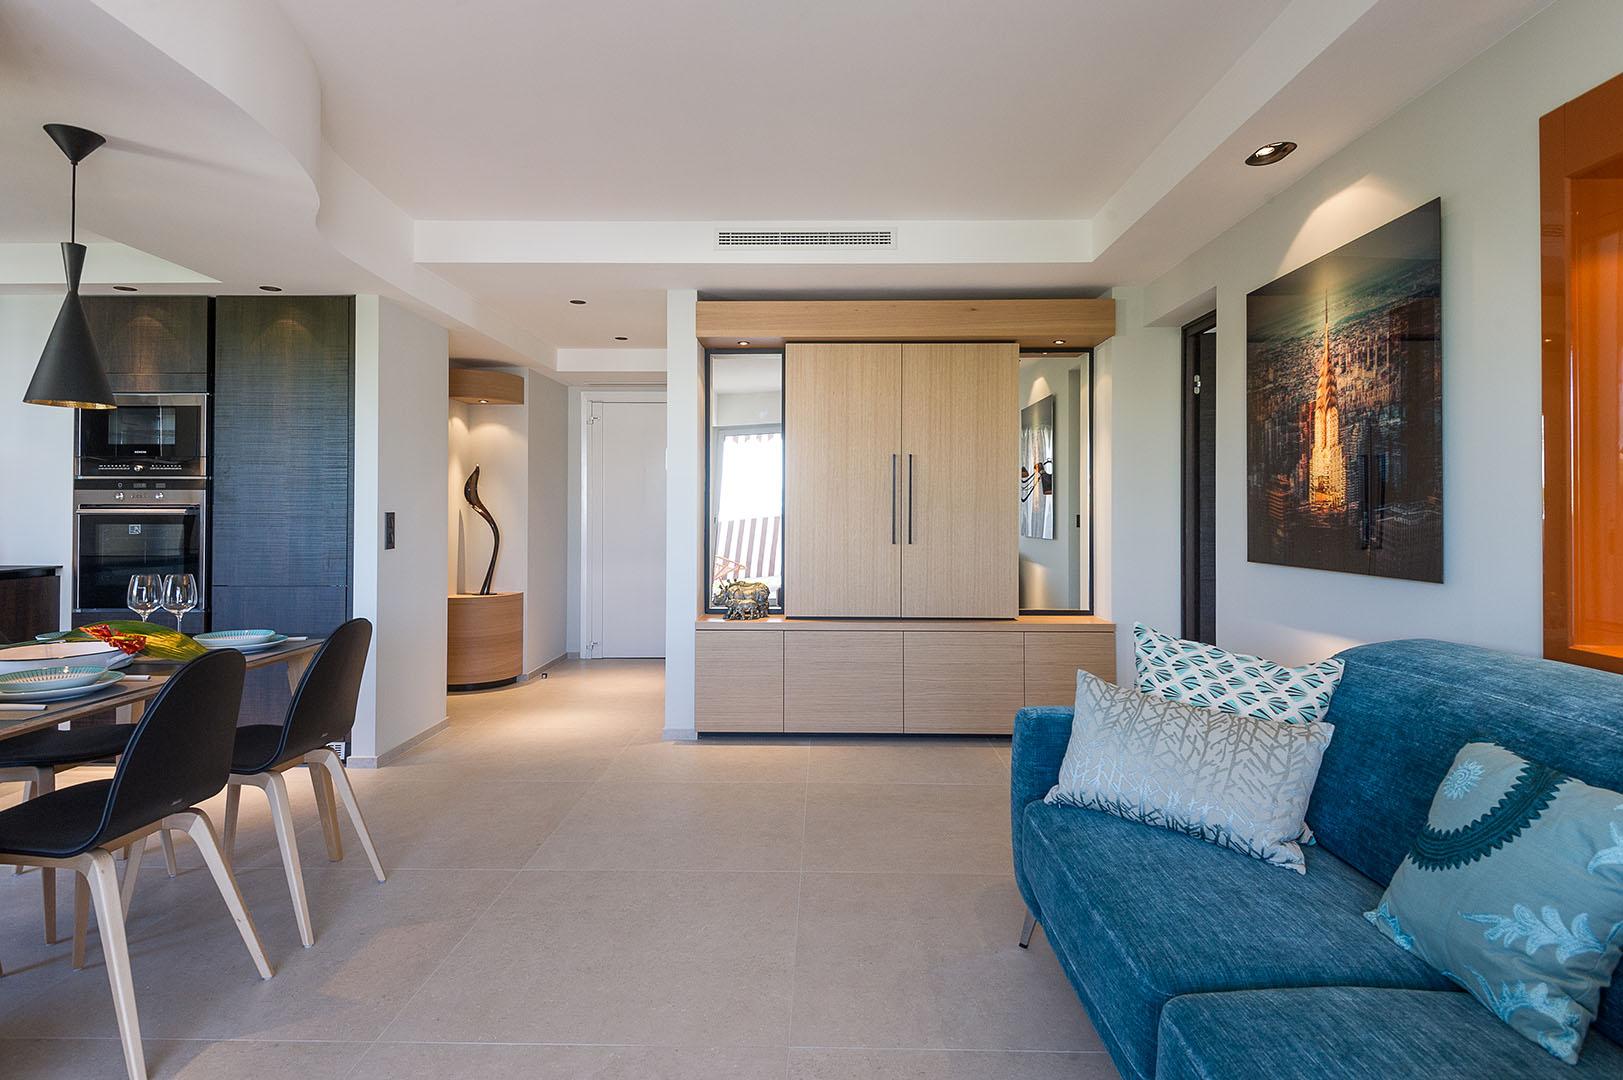 Conseils d'un architecte d'intérieur pour choisir le type de sol